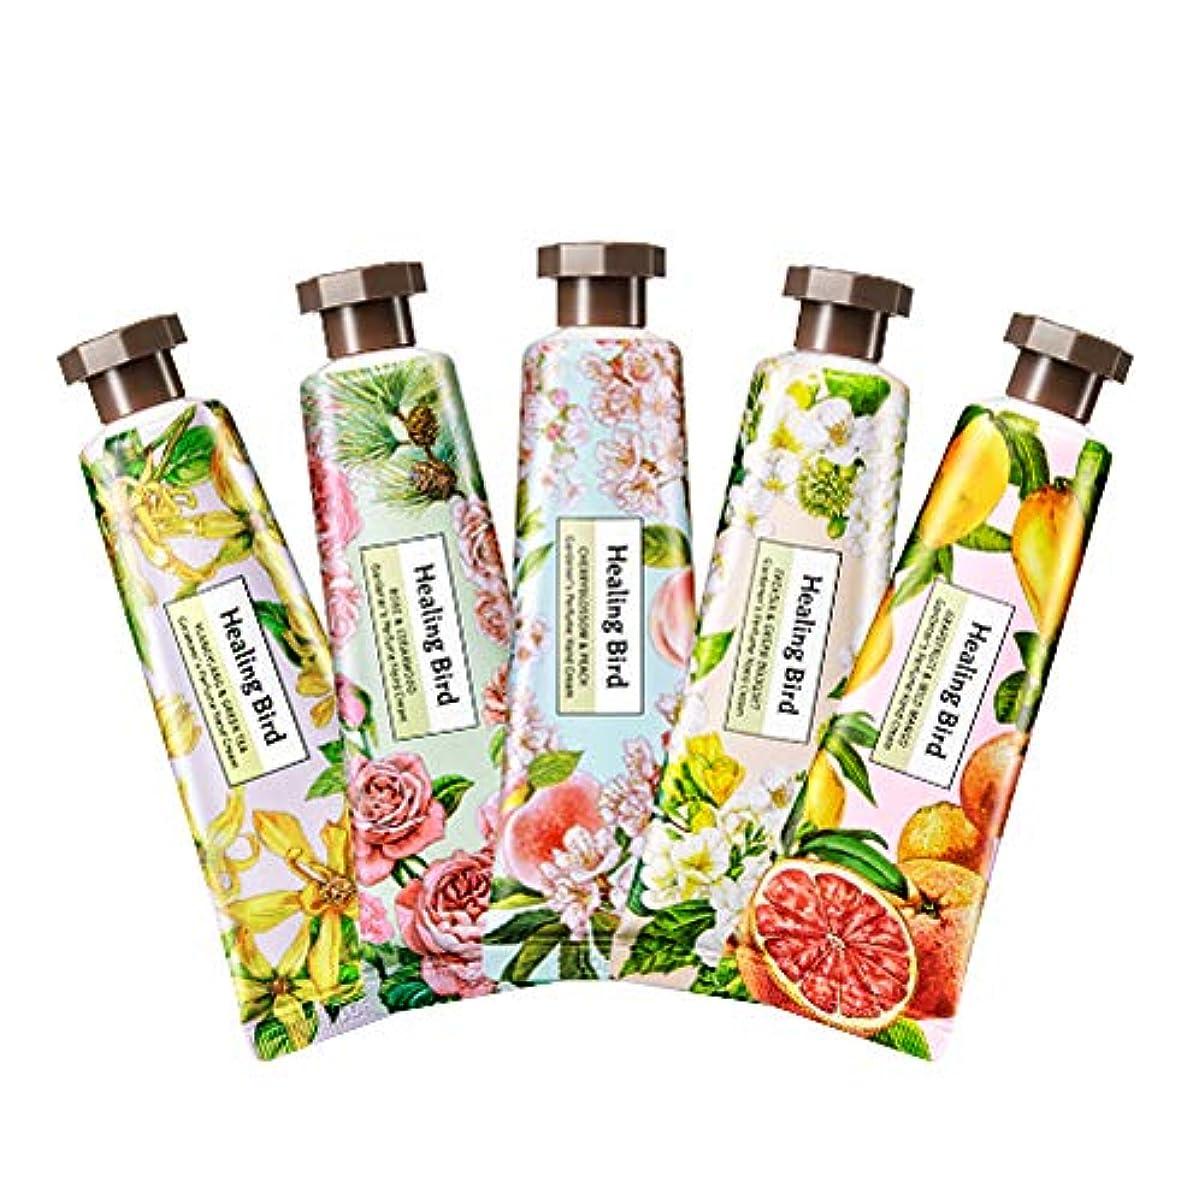 死んでいるアルファベット彼自身Healing Bird Gardener's Perfume Hand Cream 30ml ヒーリングバード カドゥノスパヒュームハンドクリーム (Ylangylang & Greentea) [並行輸入品]